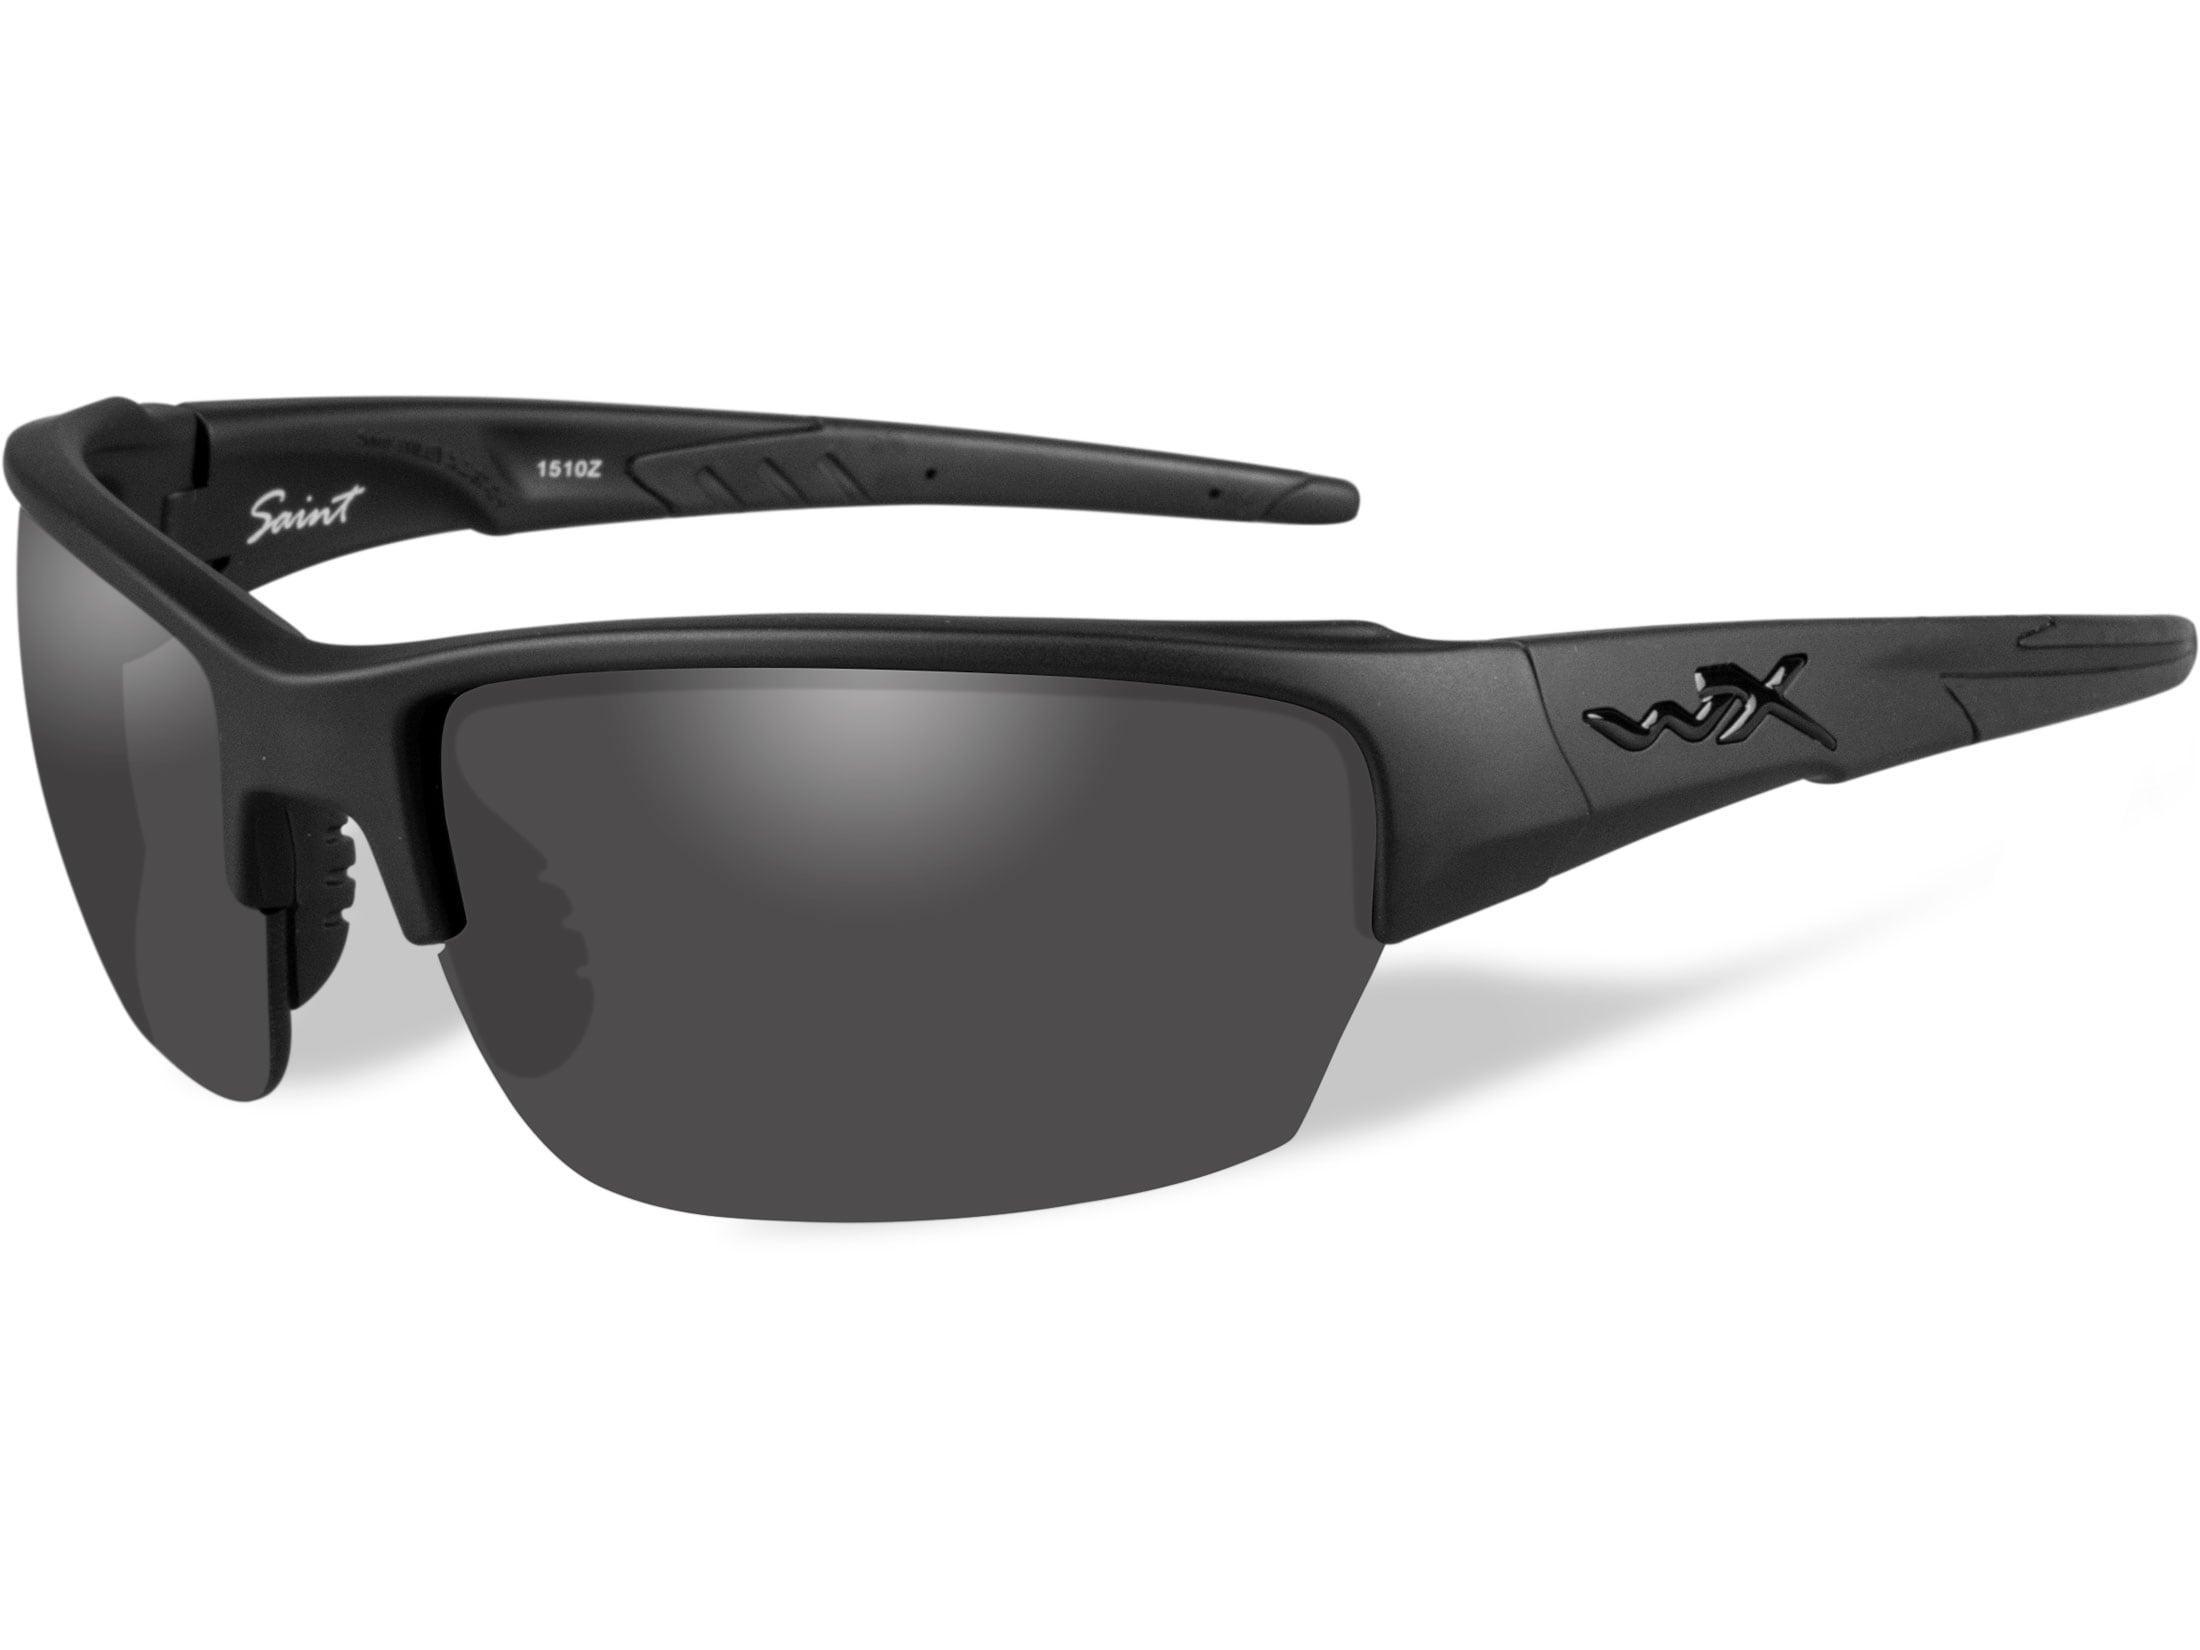 cd3654813d57 Wiley X Black Ops WX Saint Sunglasses Matte Black Frame Smoke Gray